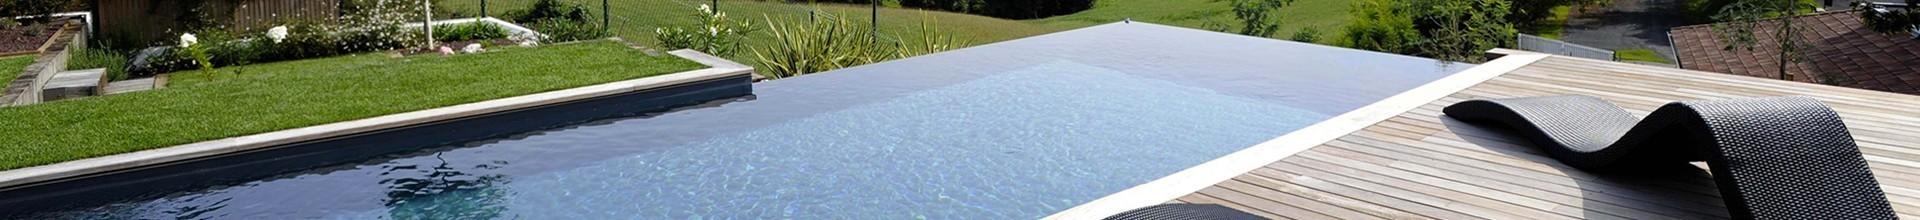 Aveyron Occitanie nettoyage d'une piscine en béton, robuste, durable